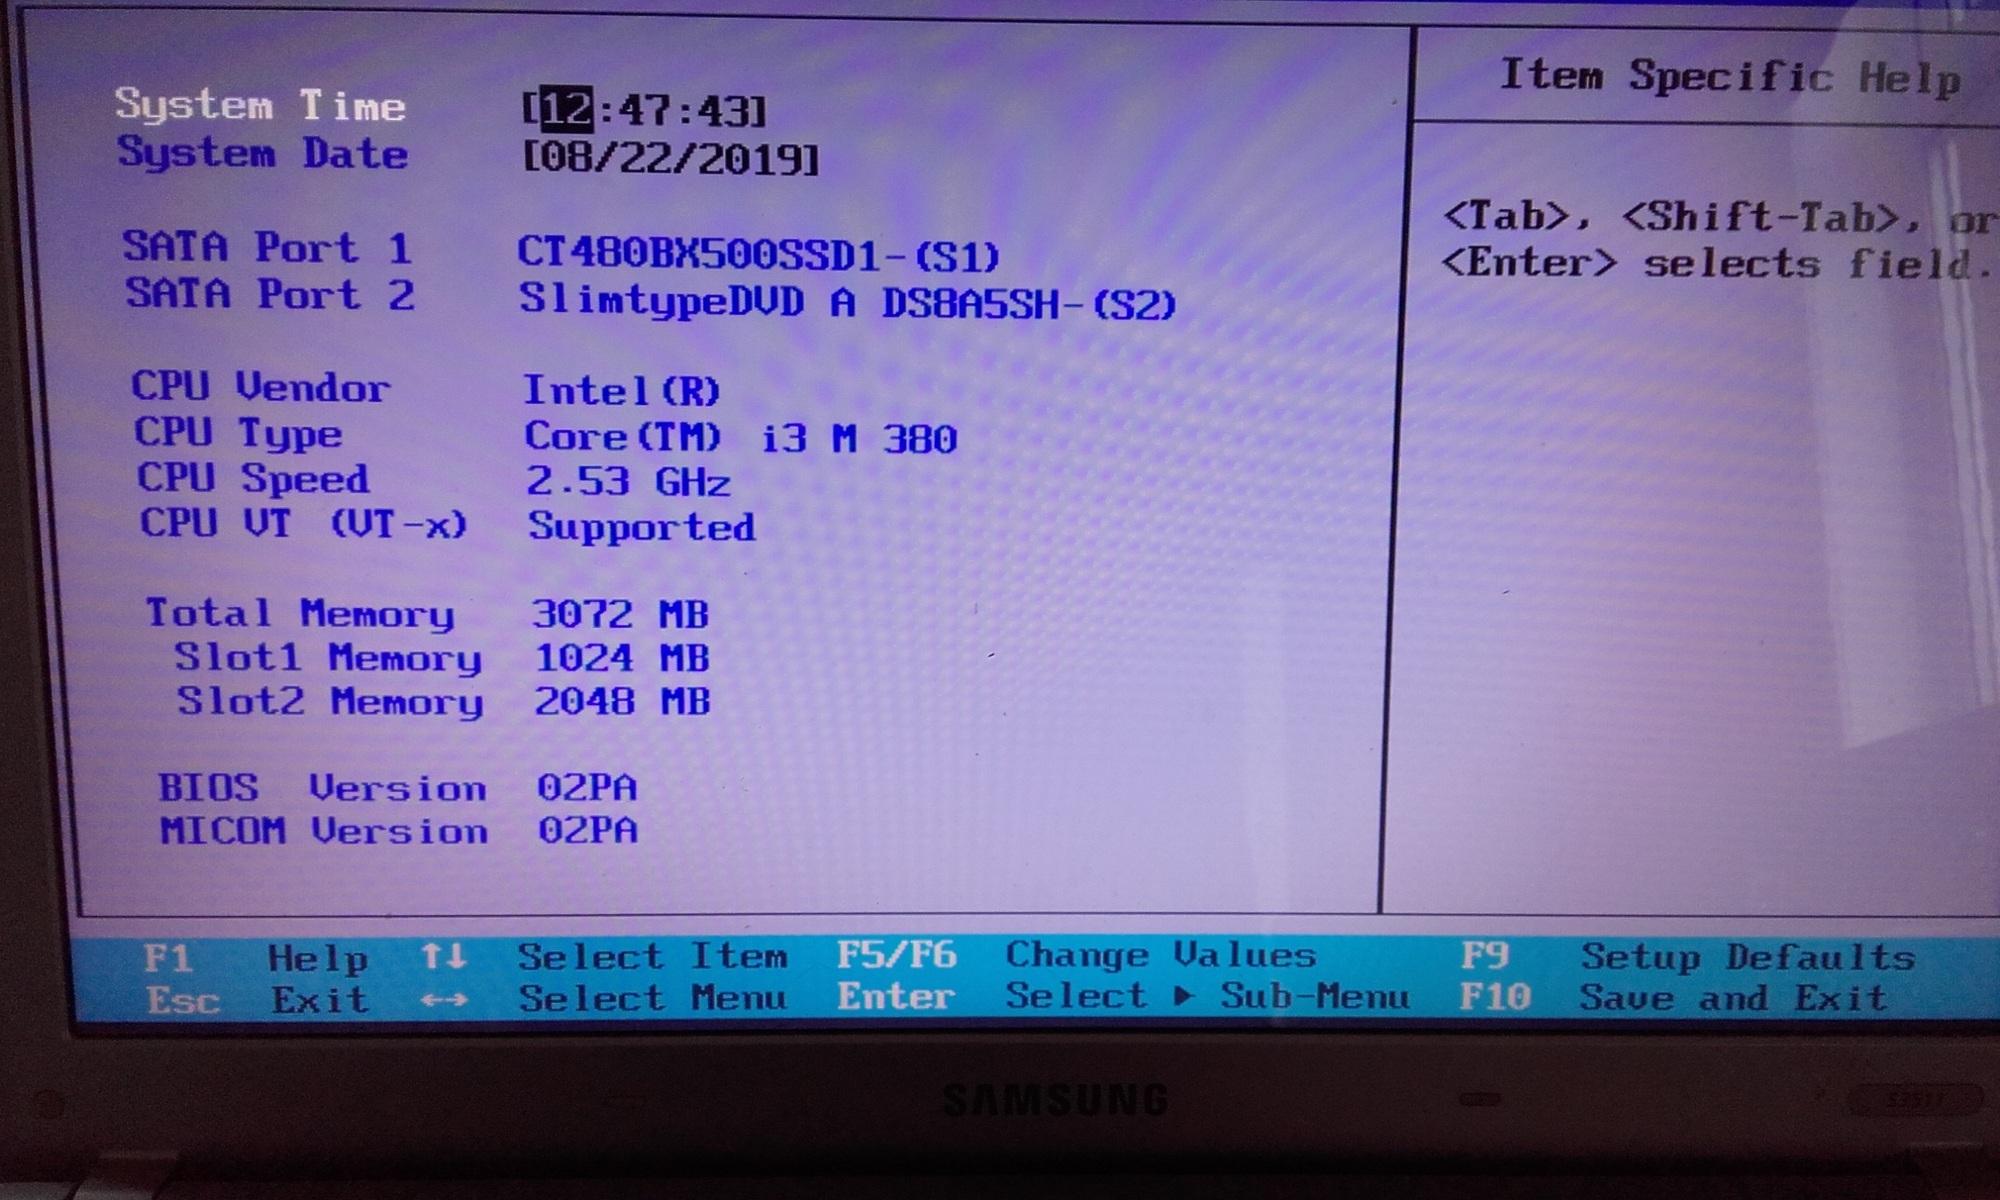 Windows 10 clean install on a new SSD 24b7e04a-b2a8-49a7-b171-d426a5bec113?upload=true.jpg